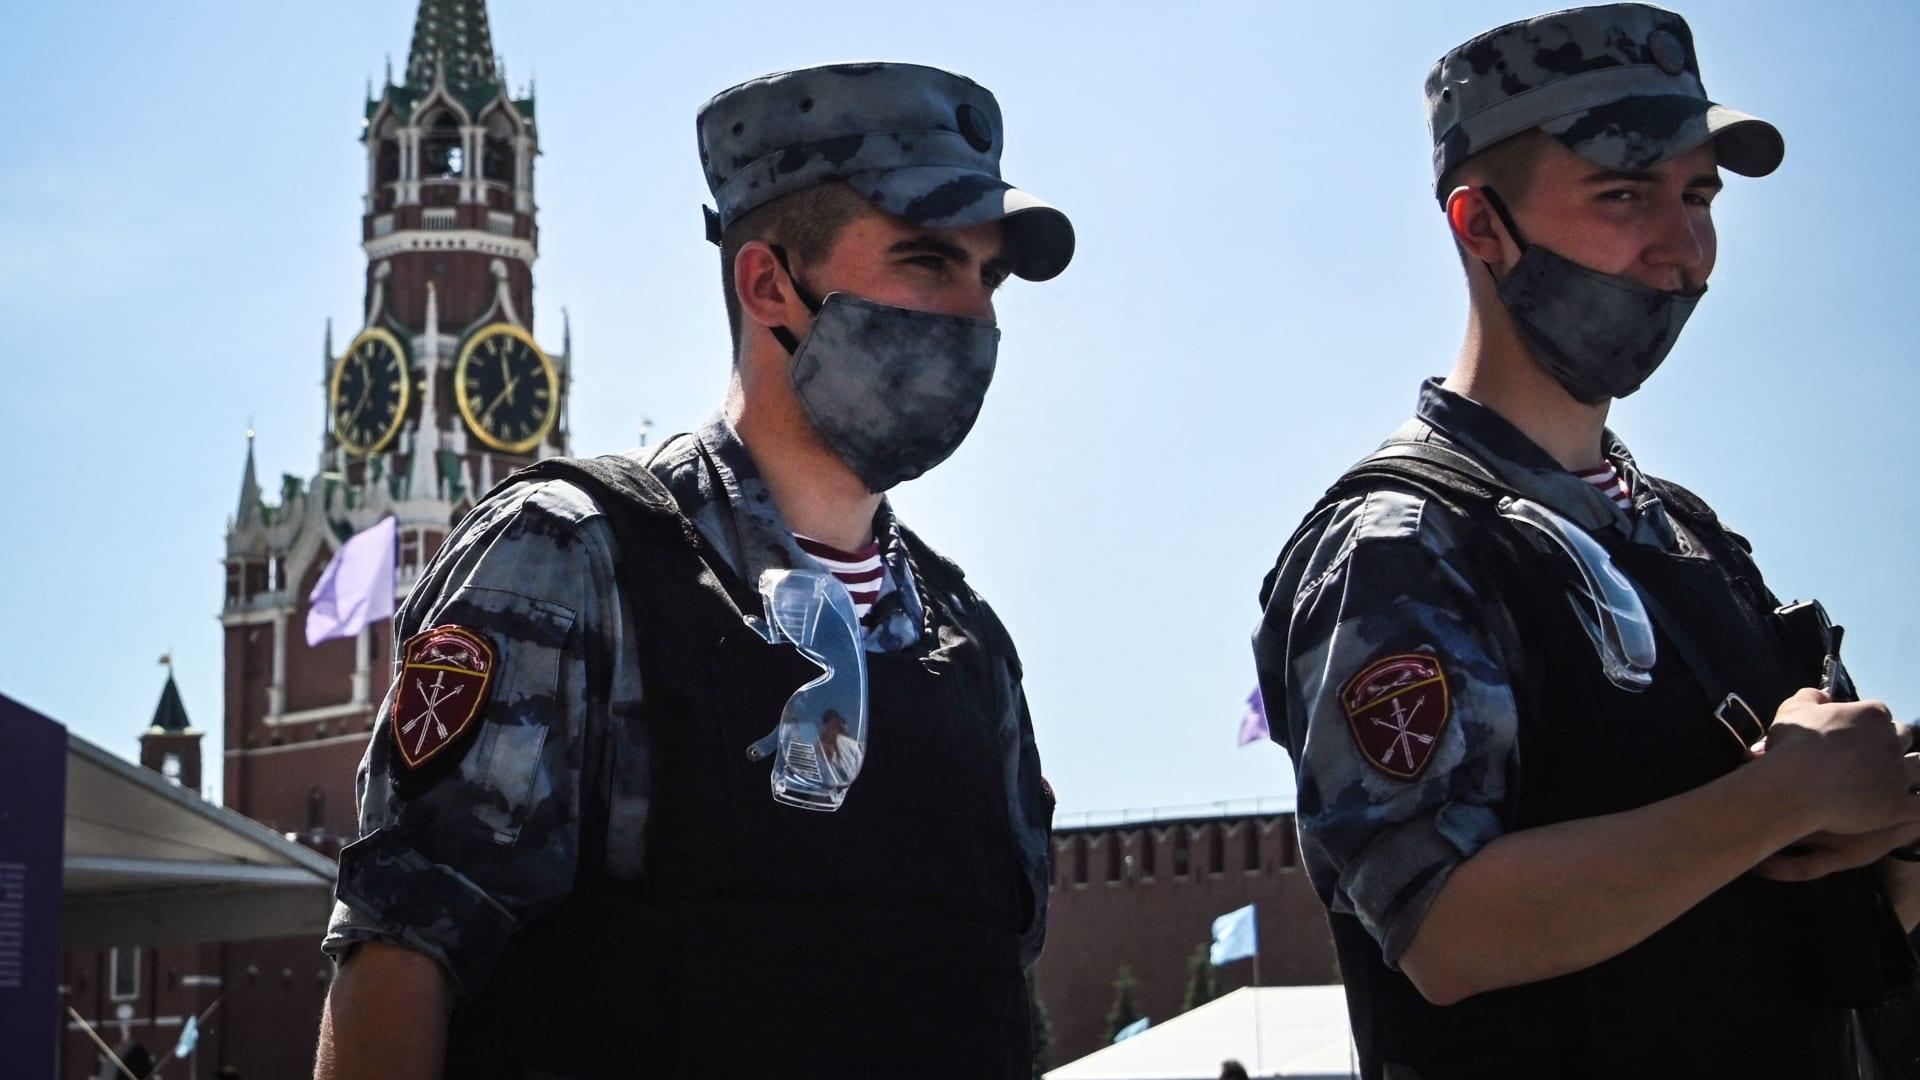 قتلى وجرحى بإطلاق نار داخل جامعة حكومية روسية.. والسلطات تعتقل الفاعل